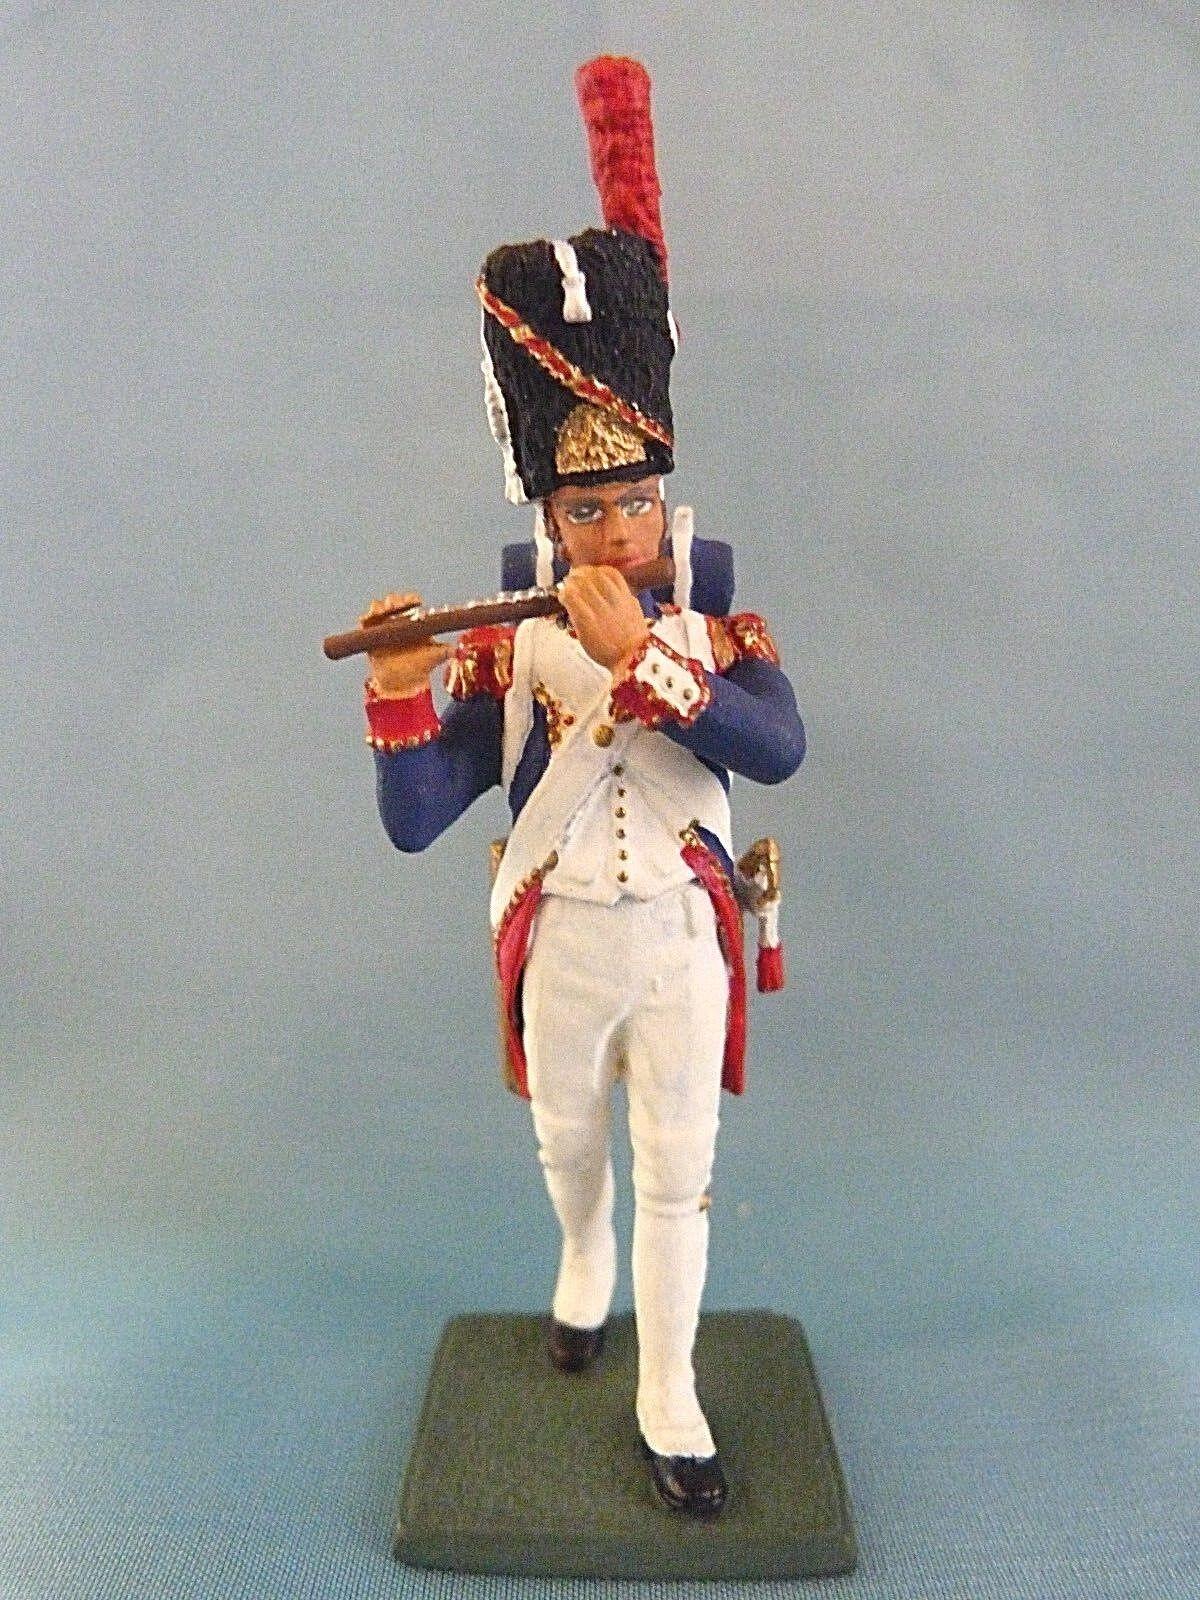 Soldat de plomb artig - fiffre du 1er r é giment des grenadiere - frankreich 1805 (3)